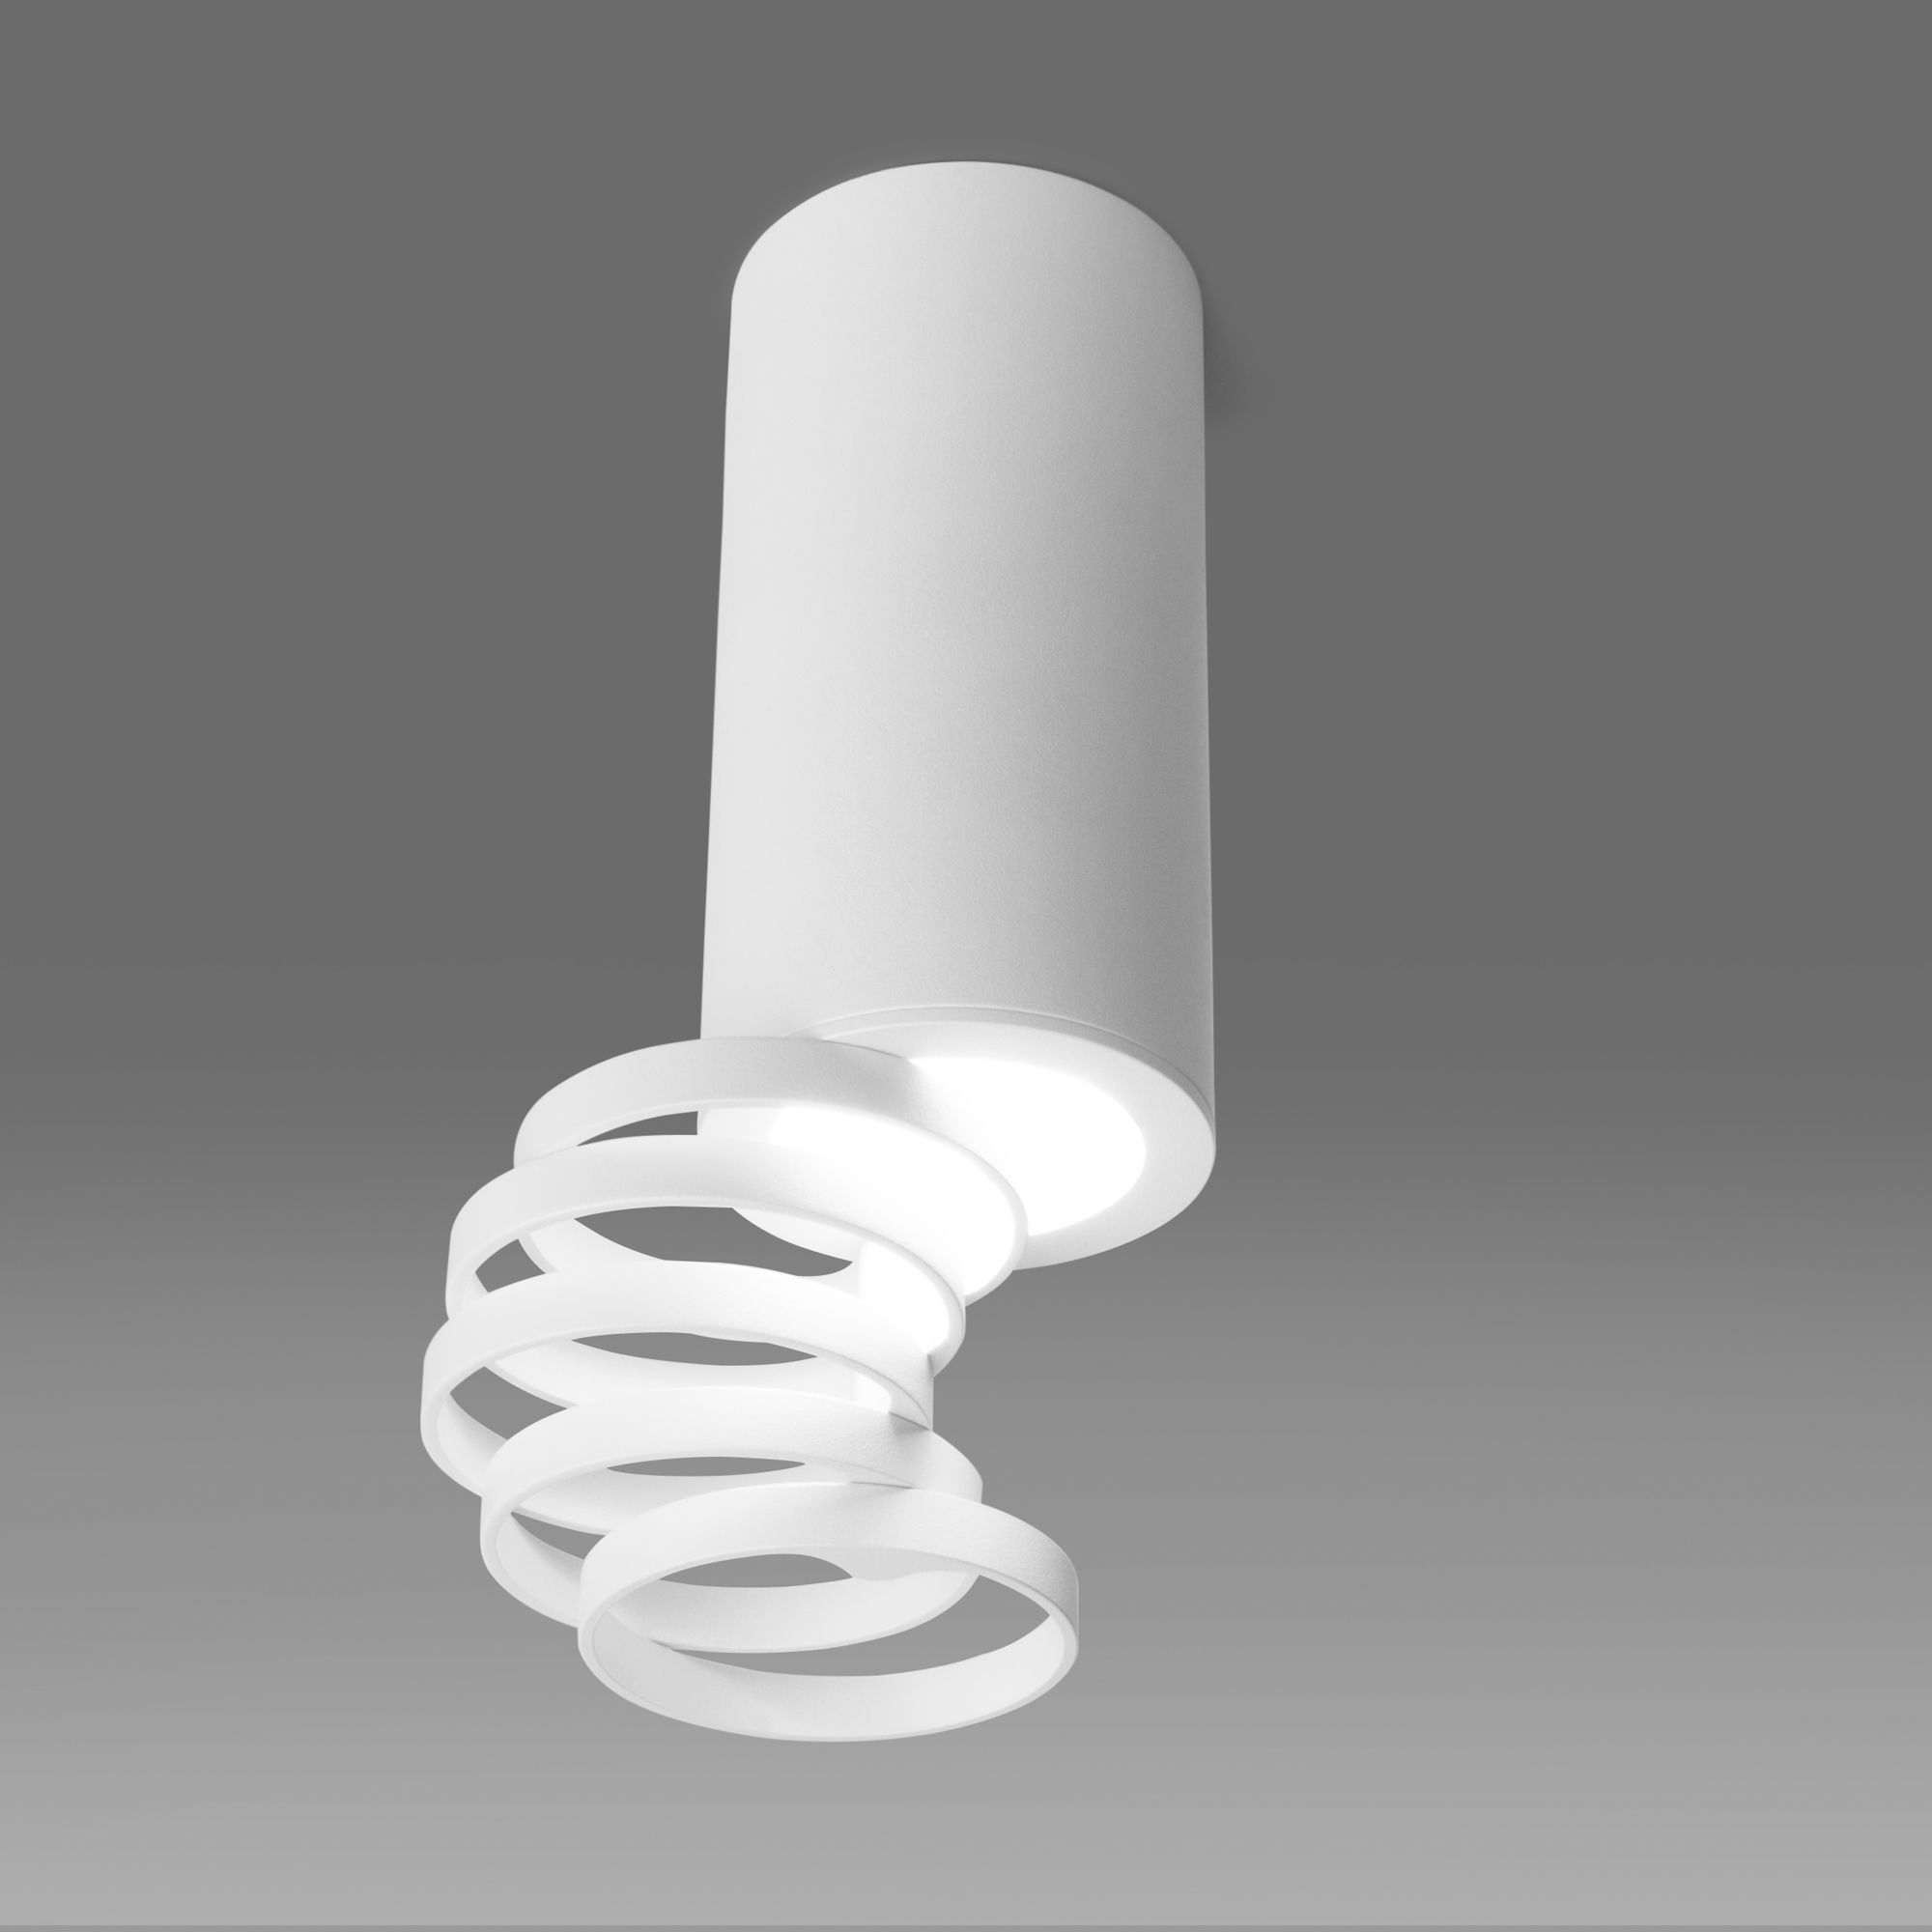 Накладной точечный светильник DLN102 GU10